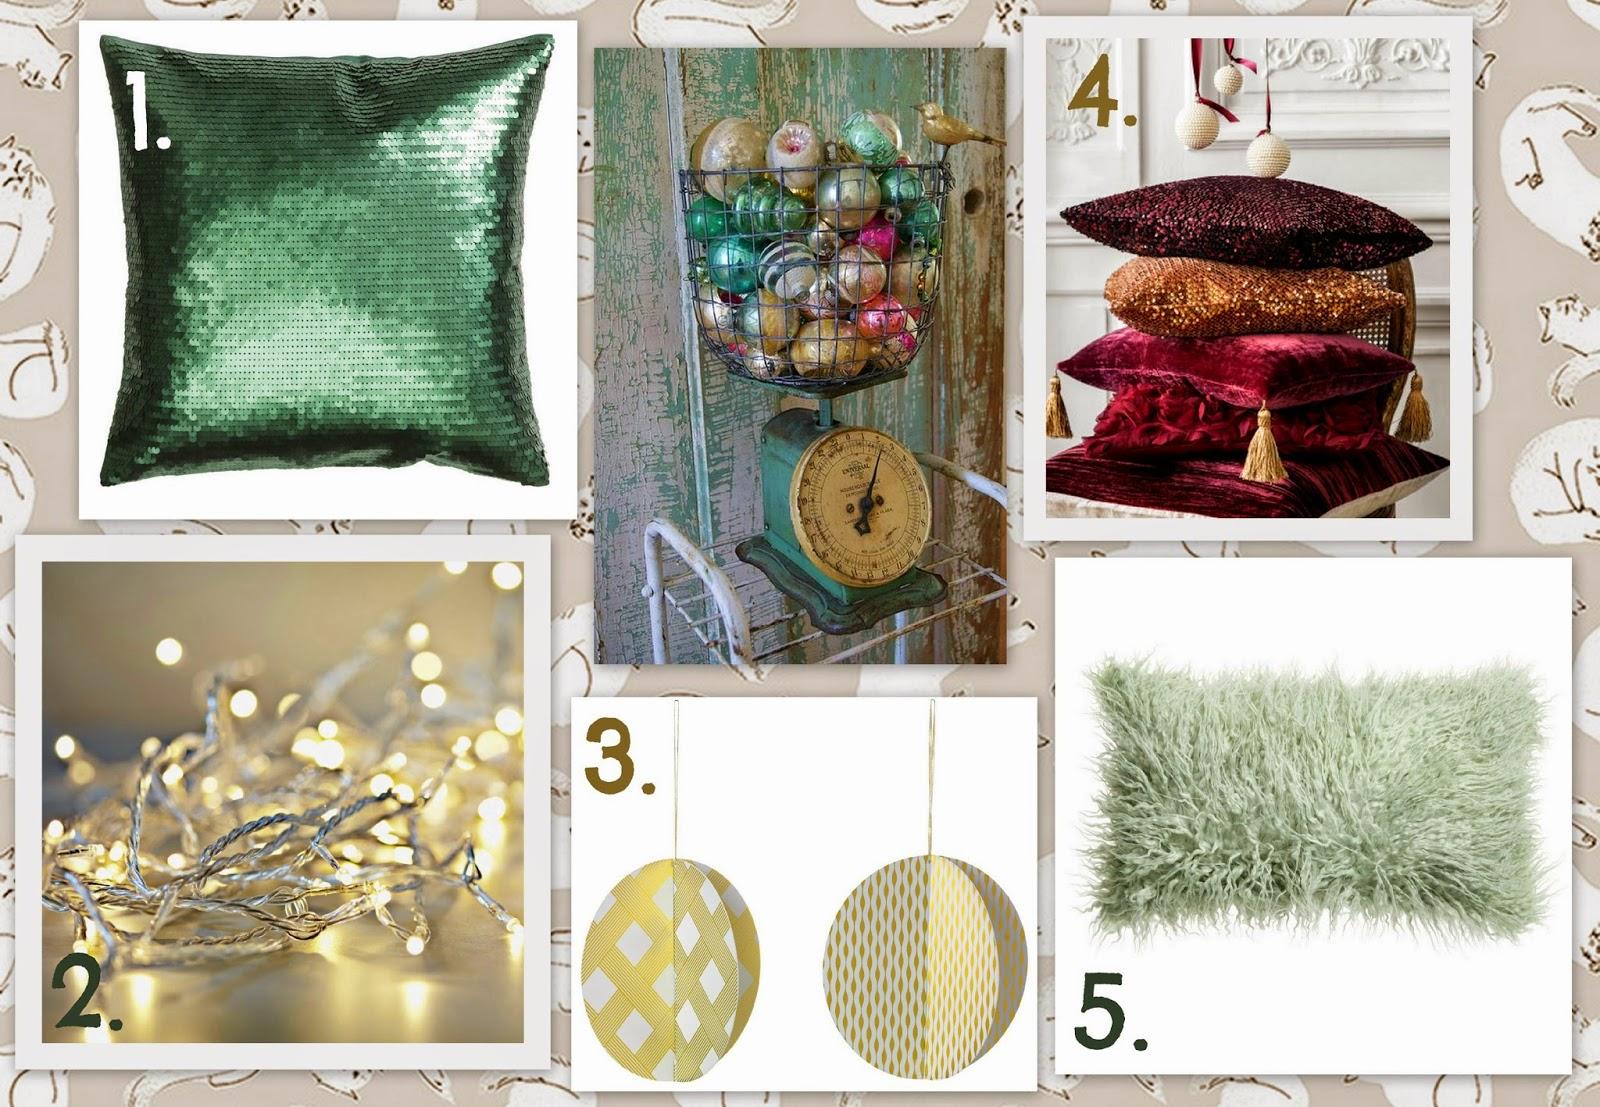 Отсчет пошел: 7 способов нарядить елку к Новому году